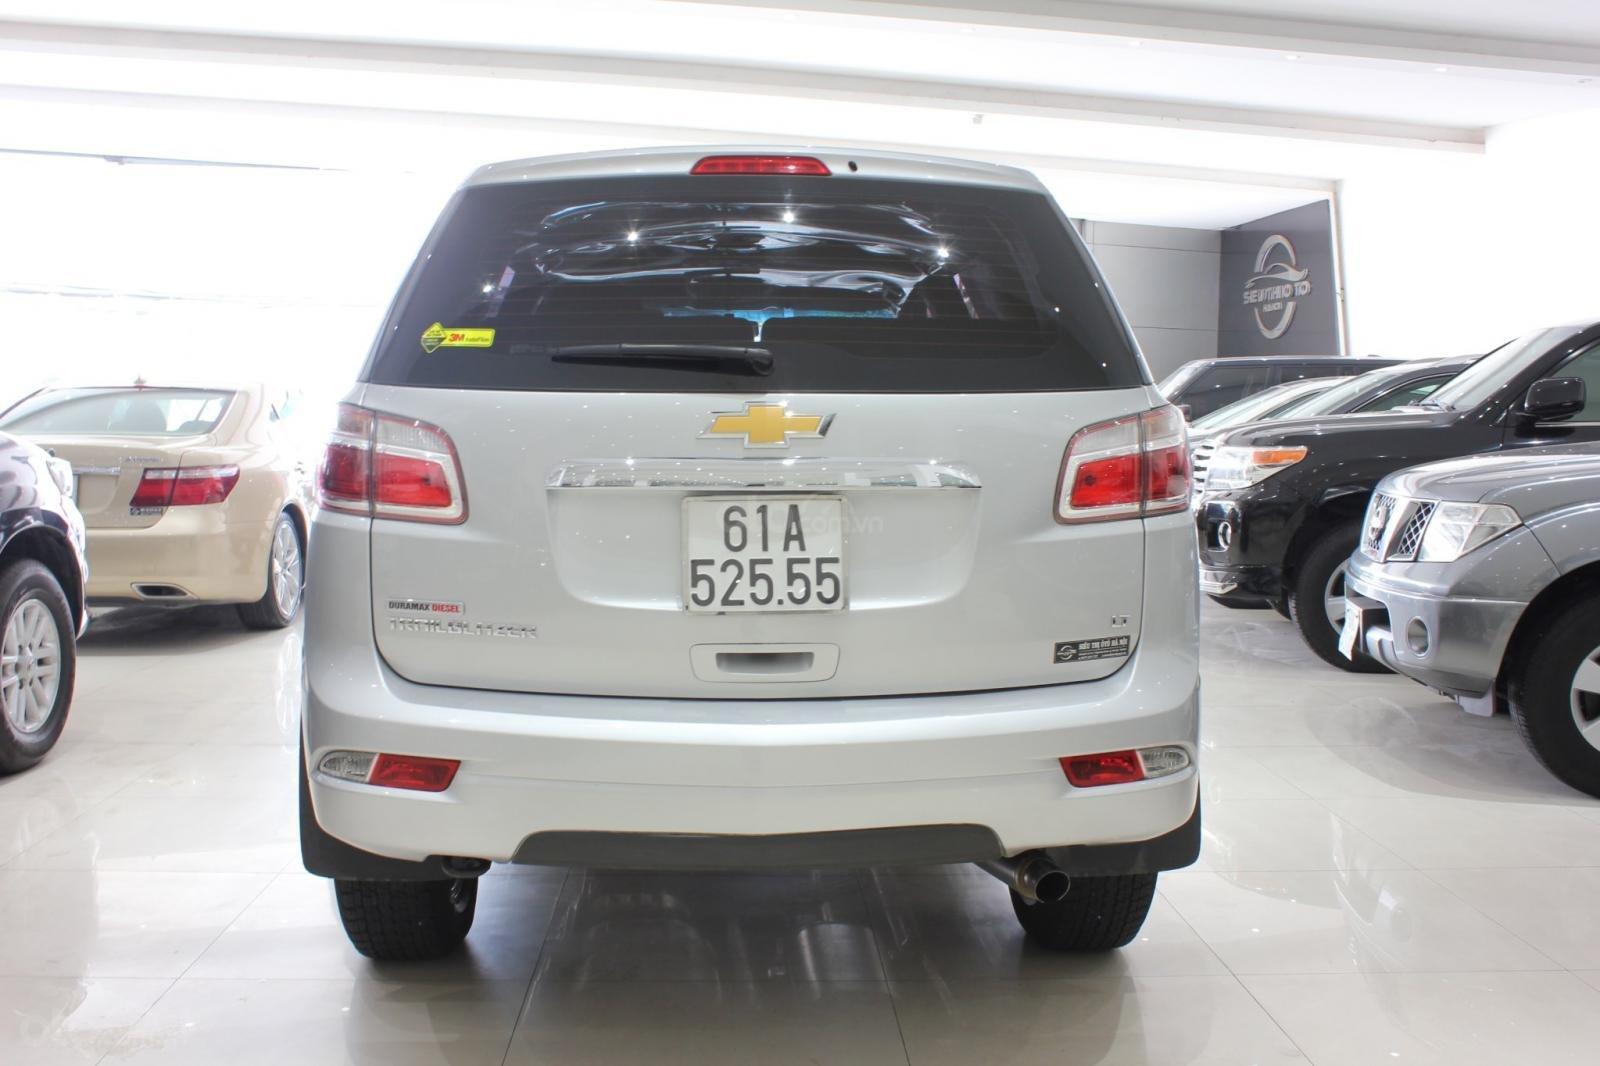 Cần bán xe Chevrolet TrailblazerLT 2.5AT 2018, máy dầu, xe nhập nguyên chiếc Thái Lan, giá thương lượng (3)